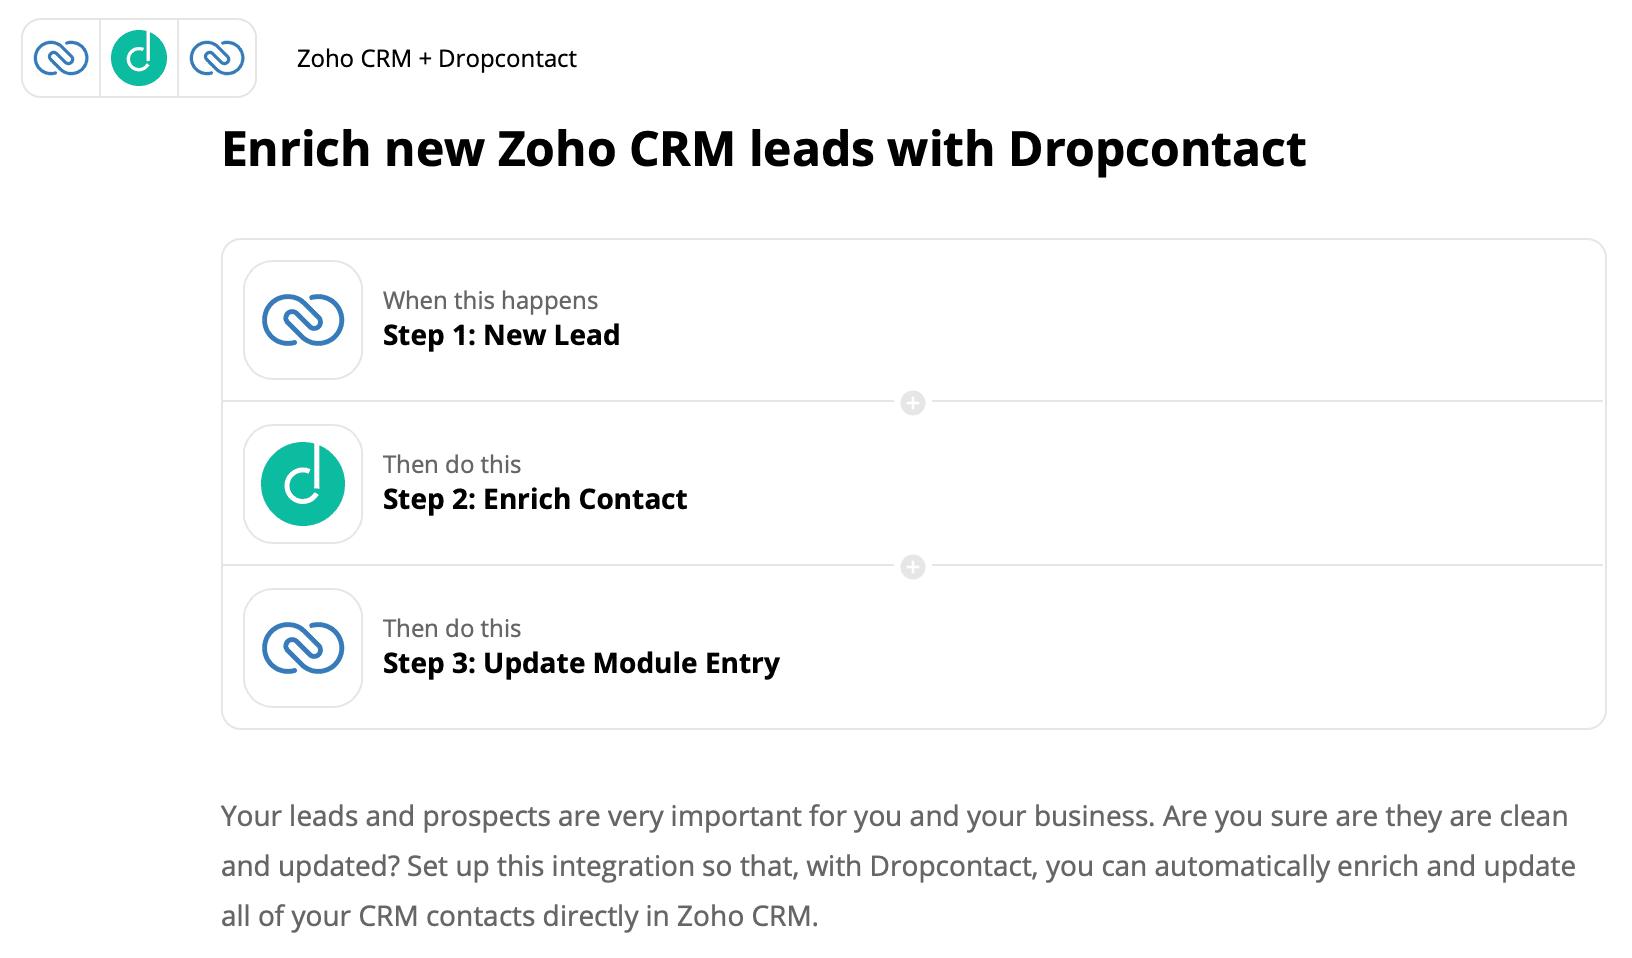 Intégrer Dropcontact à Zoho CRM pour enrichir tous ses nouveaux leads